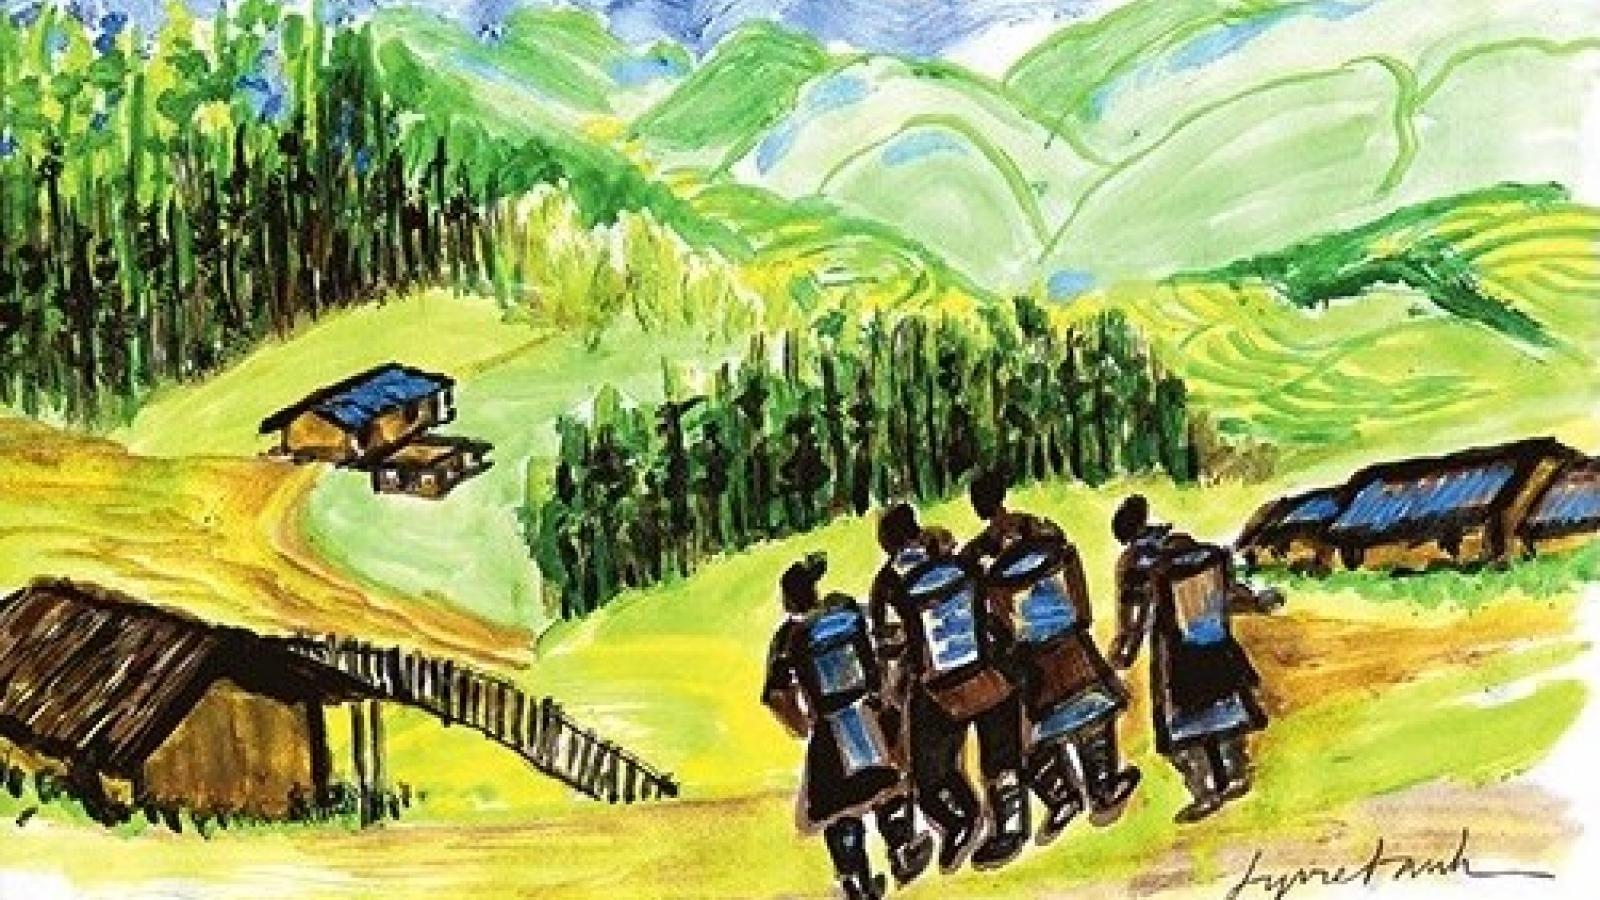 """Truyện ngắn """"Đứa con của núi"""": Tình mẫu tử thiêng liêng"""